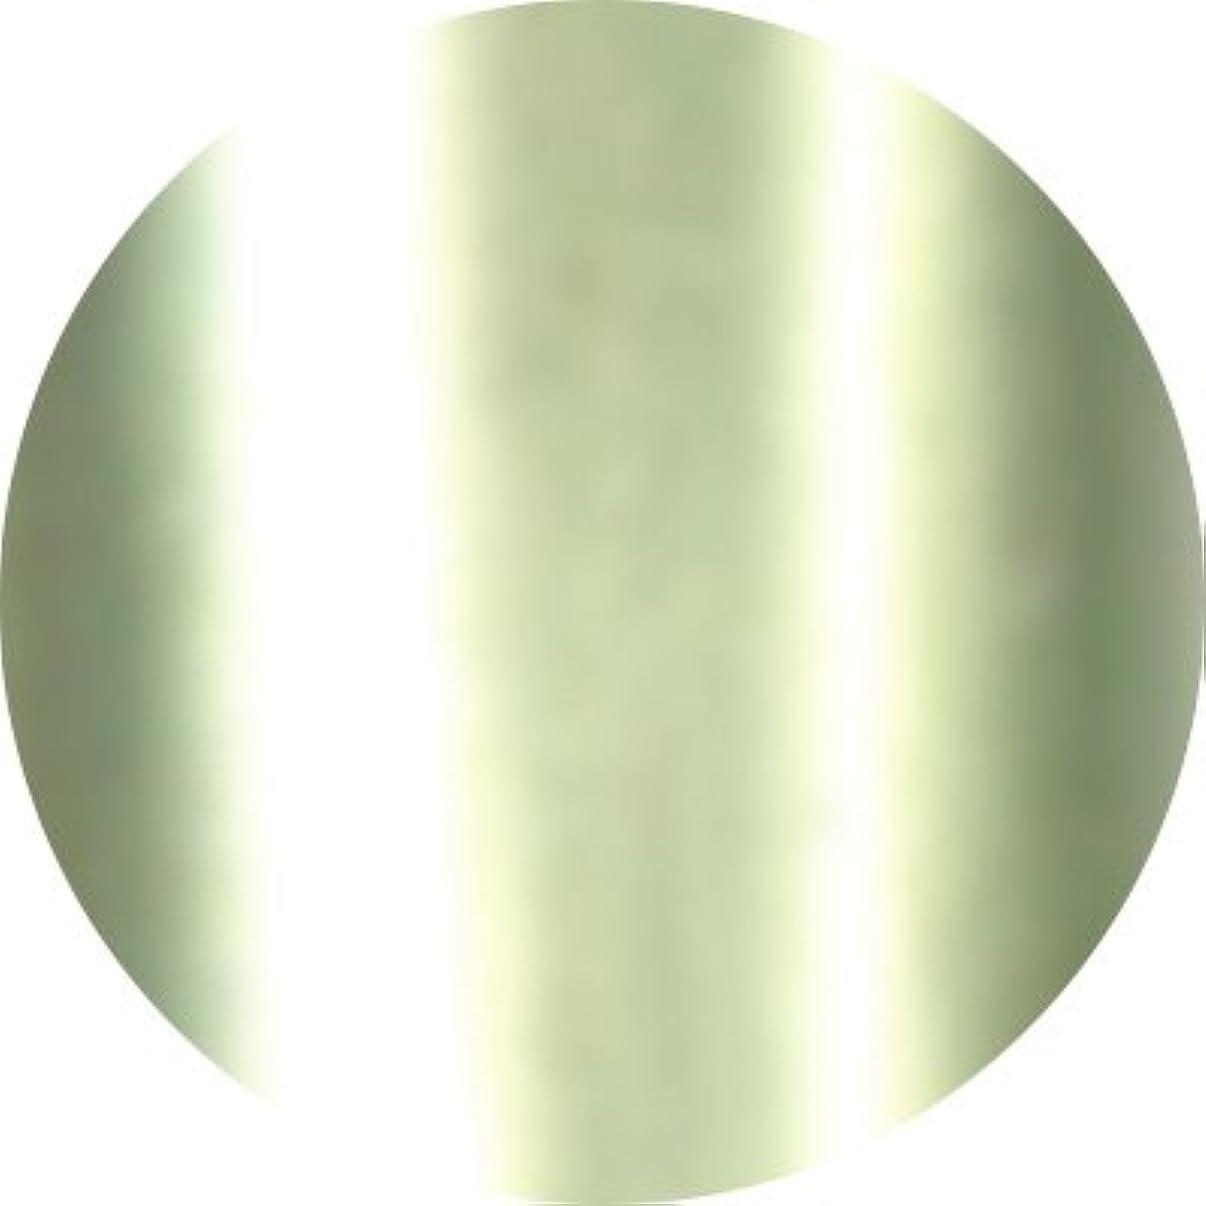 活力気体のオデュッセウスJewelry jel(ジュエリージェル) カラージェル 5ml<BR>メタリック MT011